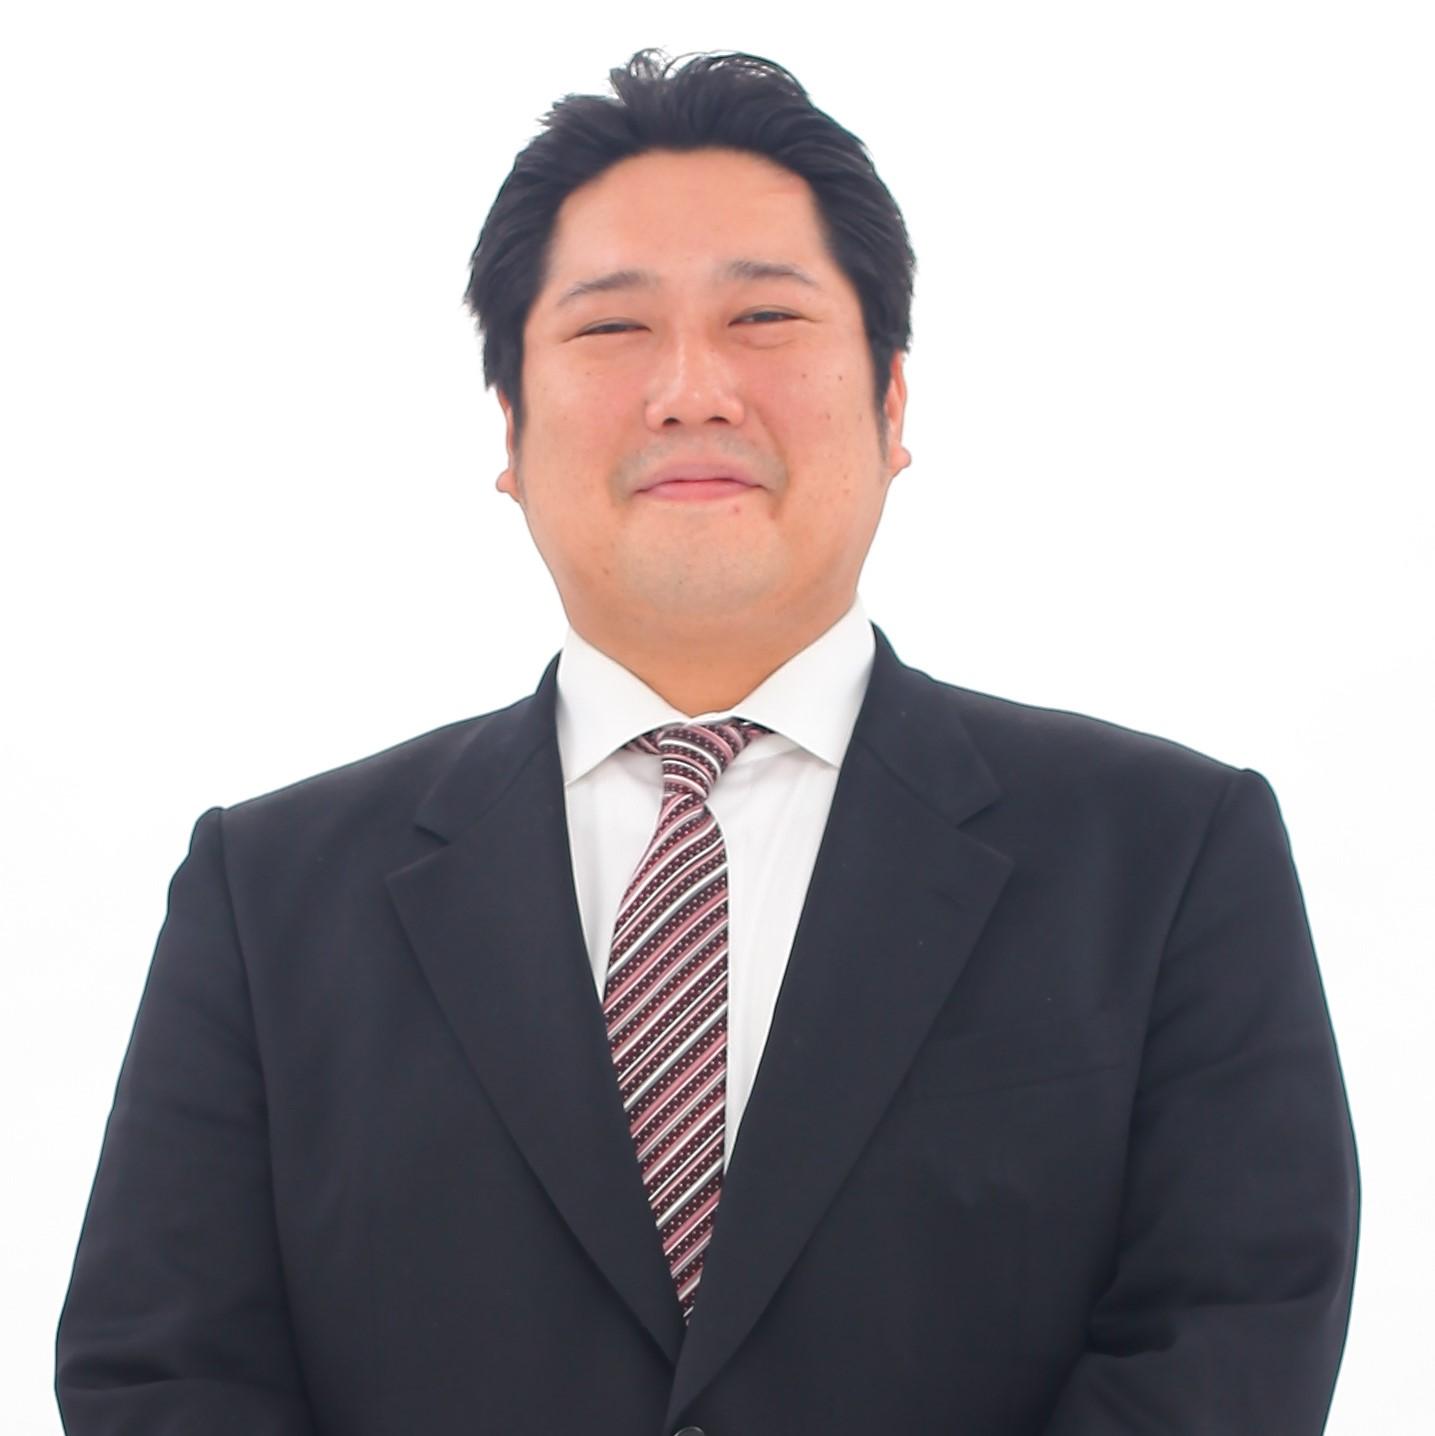 田中 康太郎